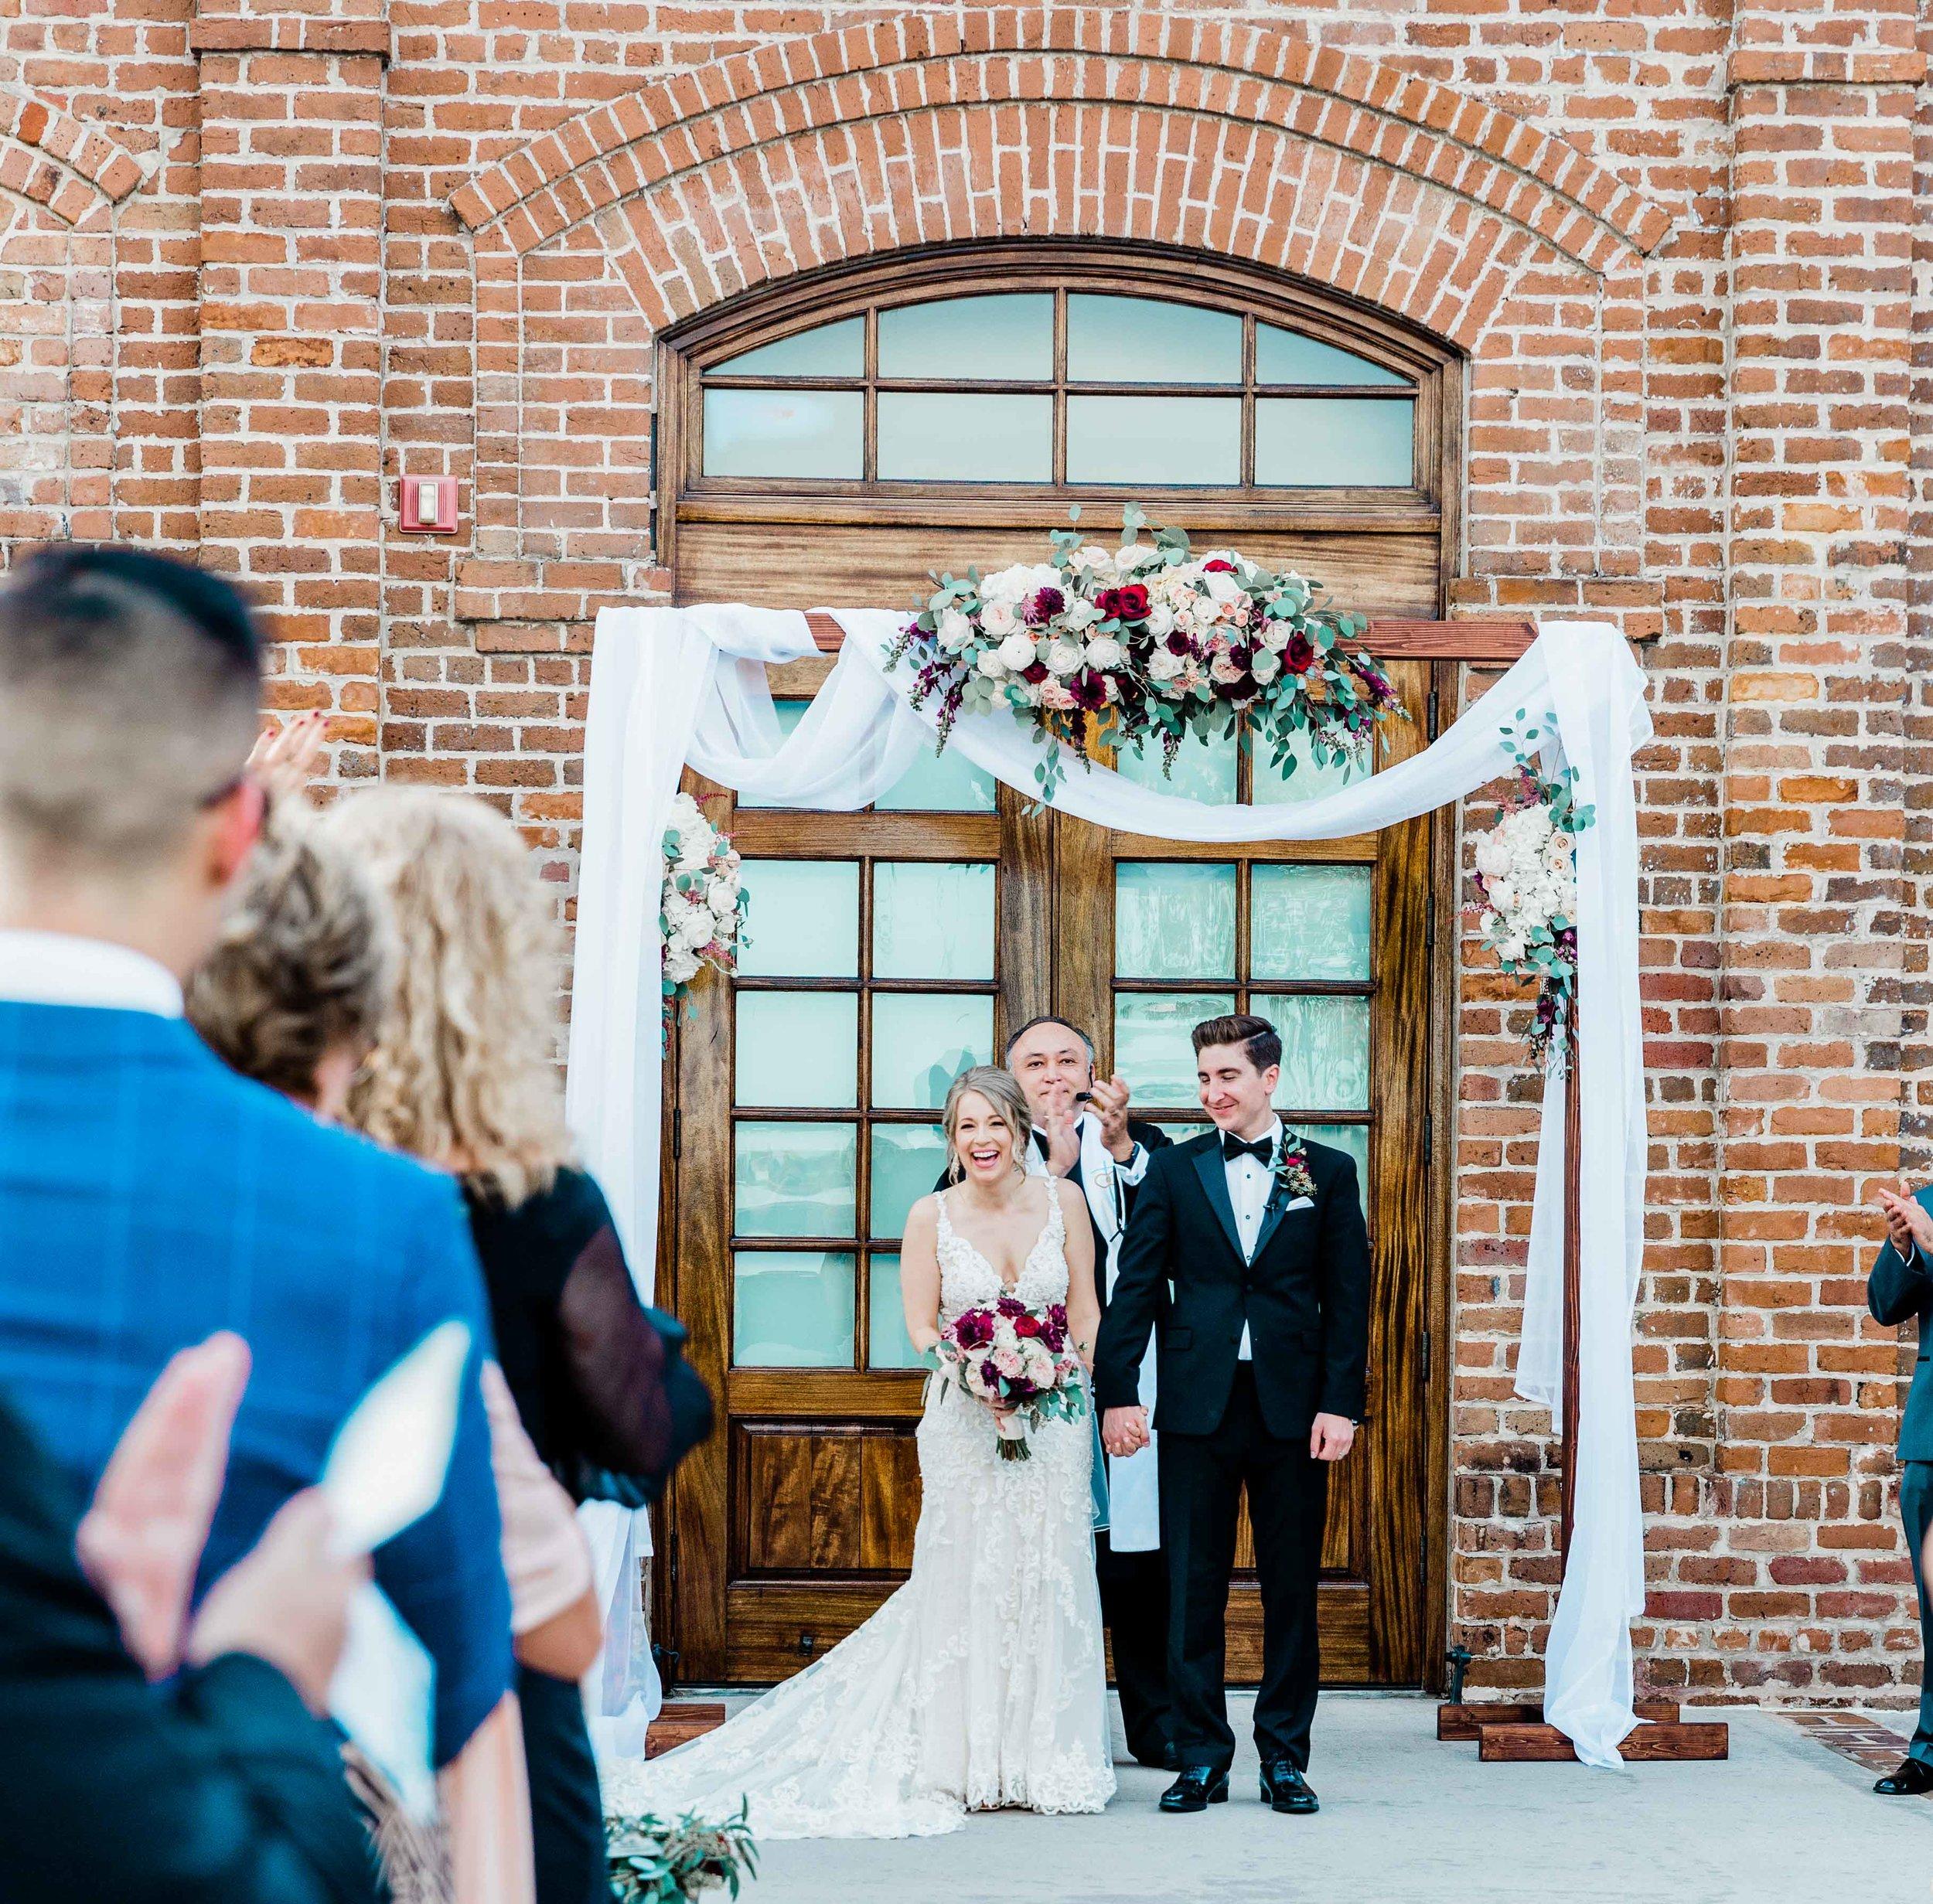 20181109Georgia-Savannah-savannah wedding photography24.jpg